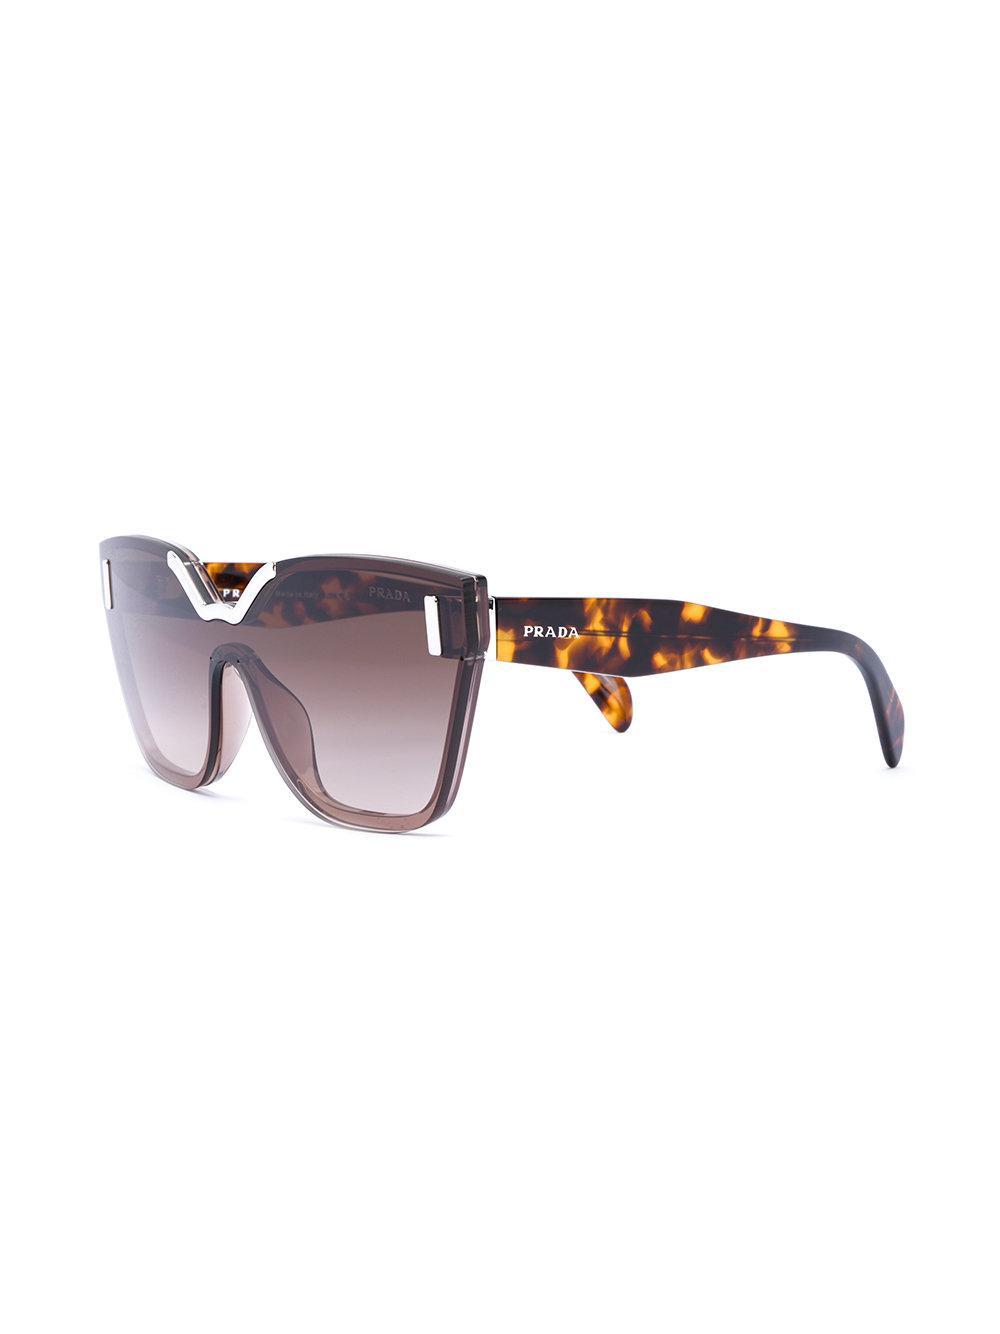 9c75c38268 Prada - Brown Oversized Tortoiseshell Sunglasses - Lyst. View fullscreen